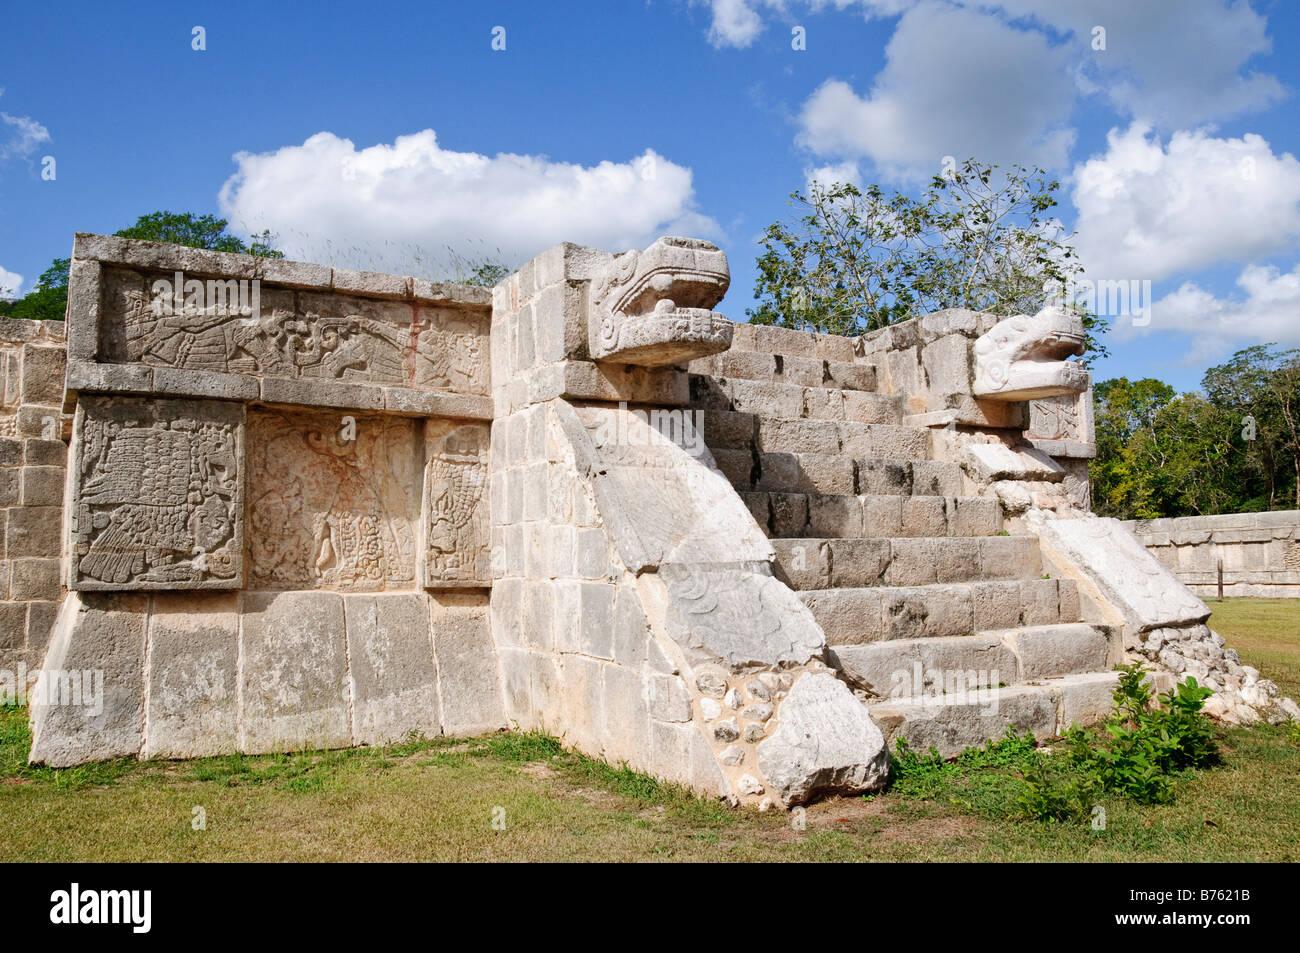 CHICHEN ITZA, Mexico - Ancient Mayan ruins at Chichen Itza, Yucatan, Mexico - Stock Image